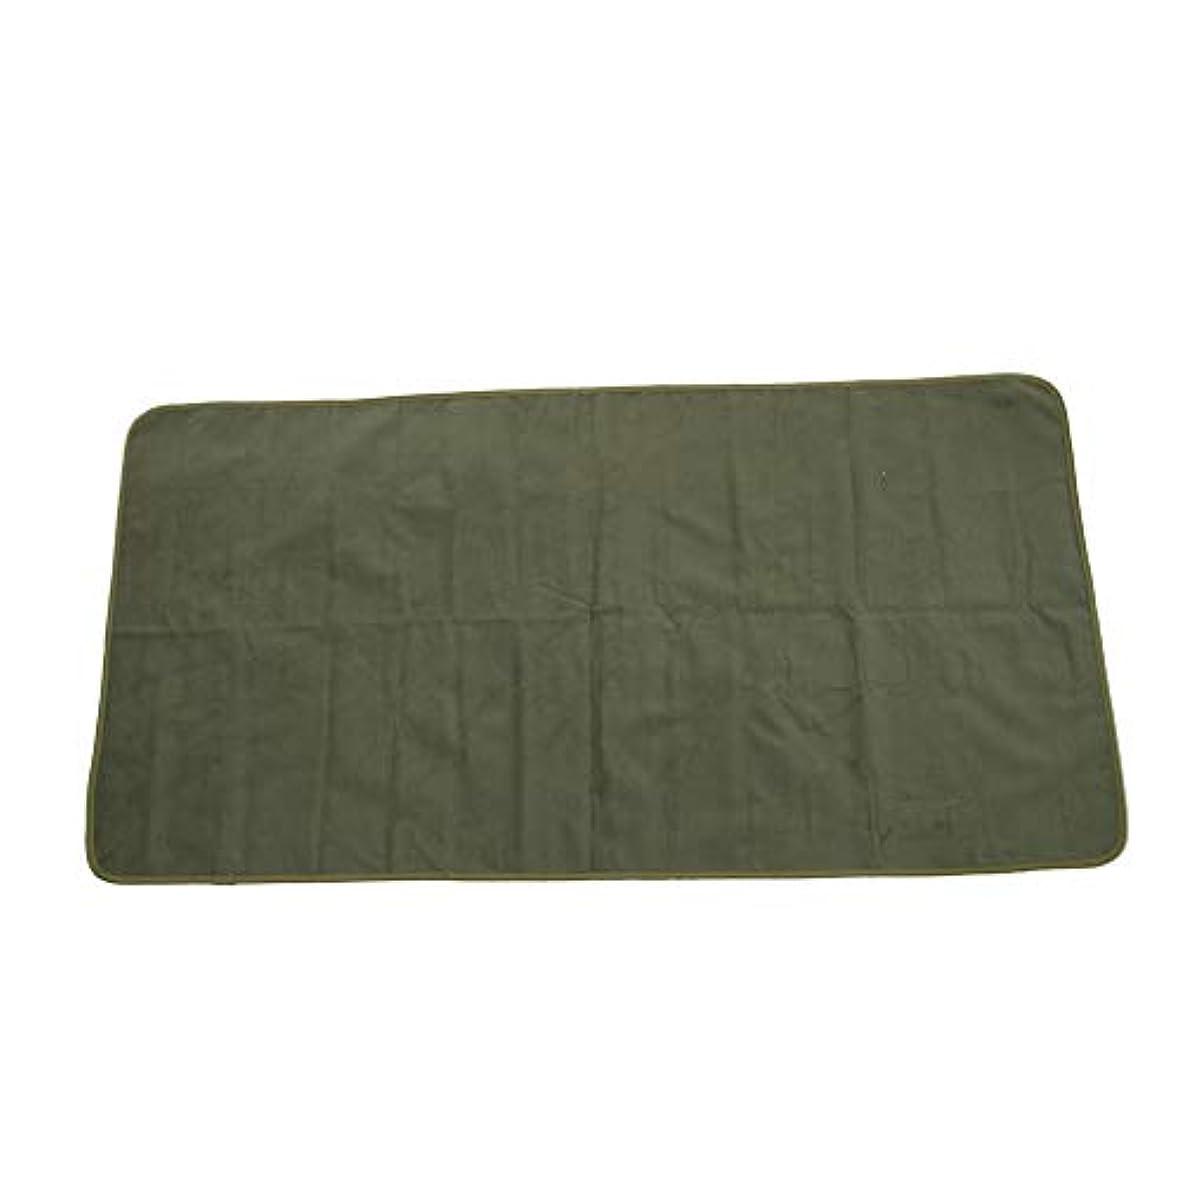 コマース遠洋の爪Baoblaze 折り畳み式 キャンプ用 毛布 超軽量 ピクニック ビーチマット 全2サイズ